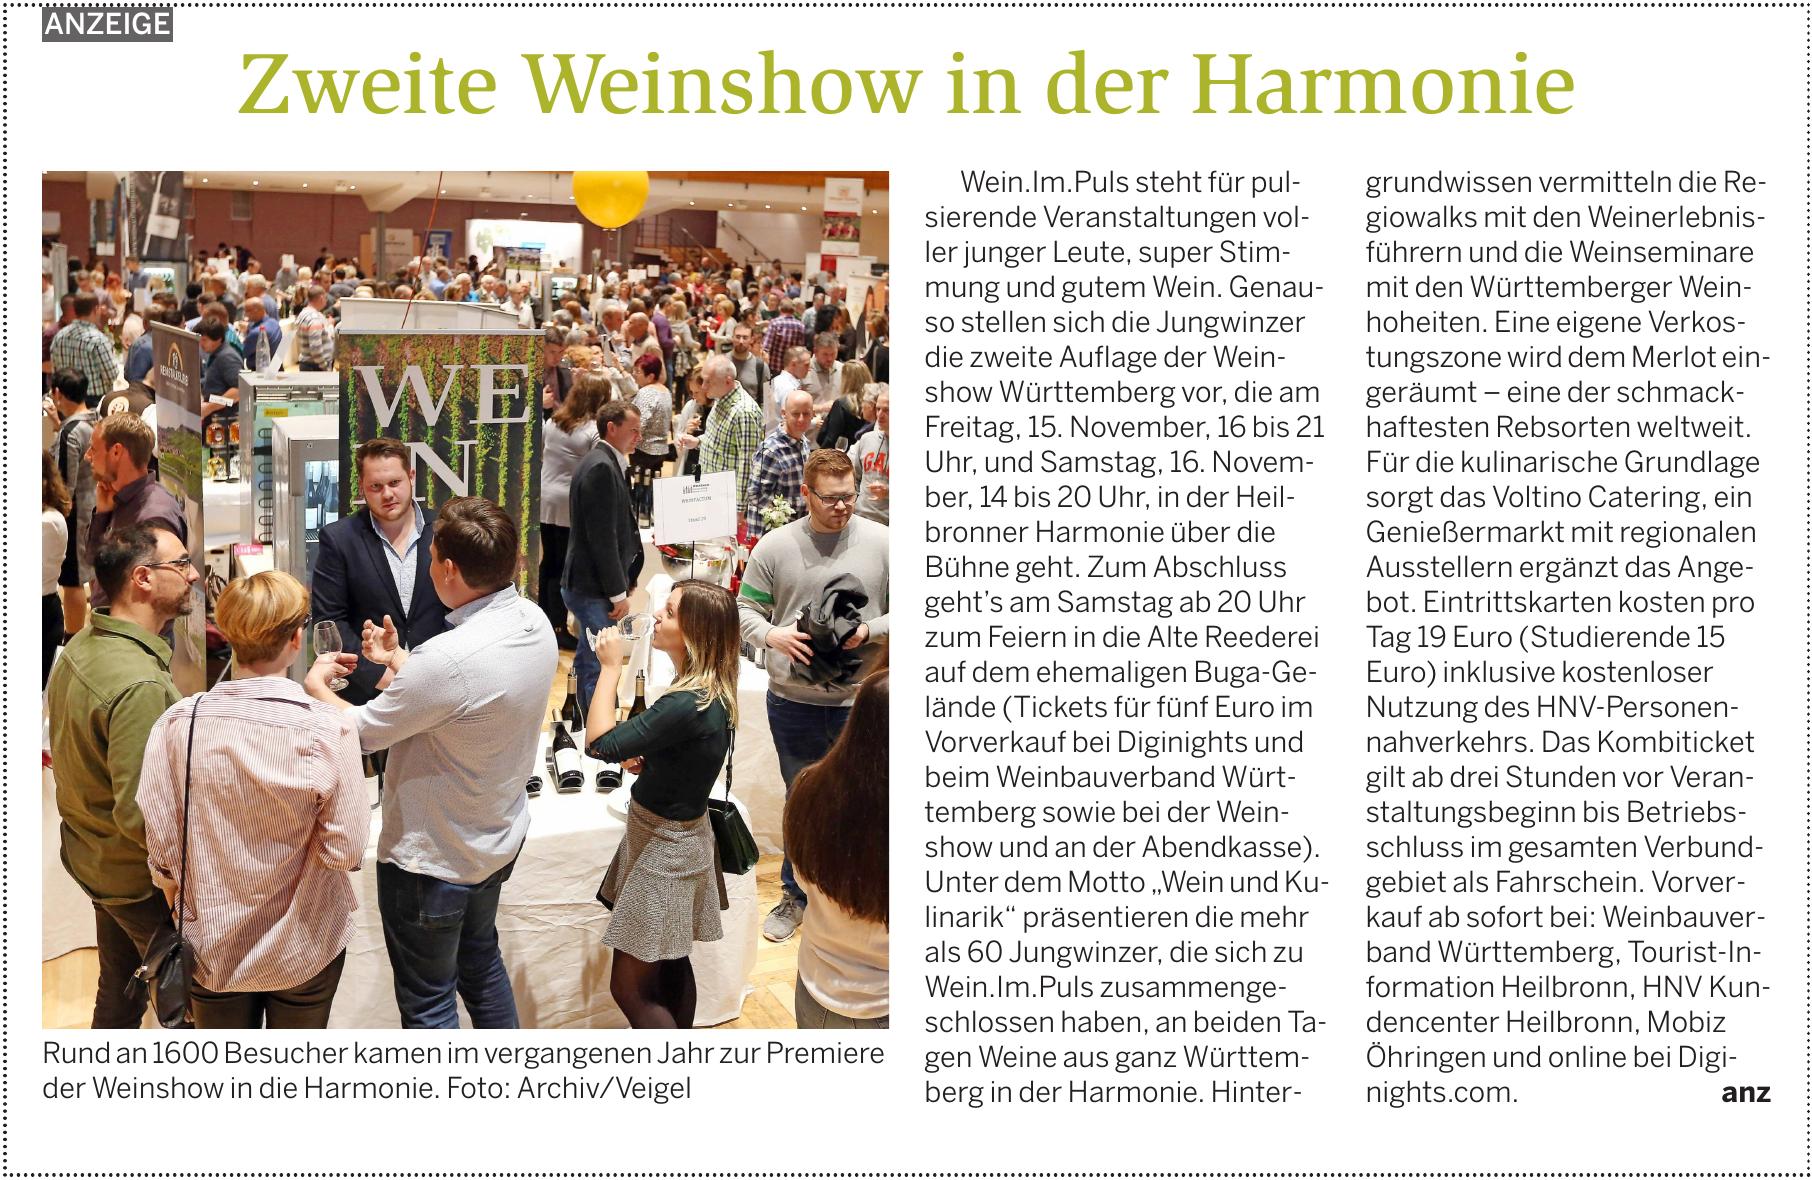 Zweite Weinshow in der Harmonie